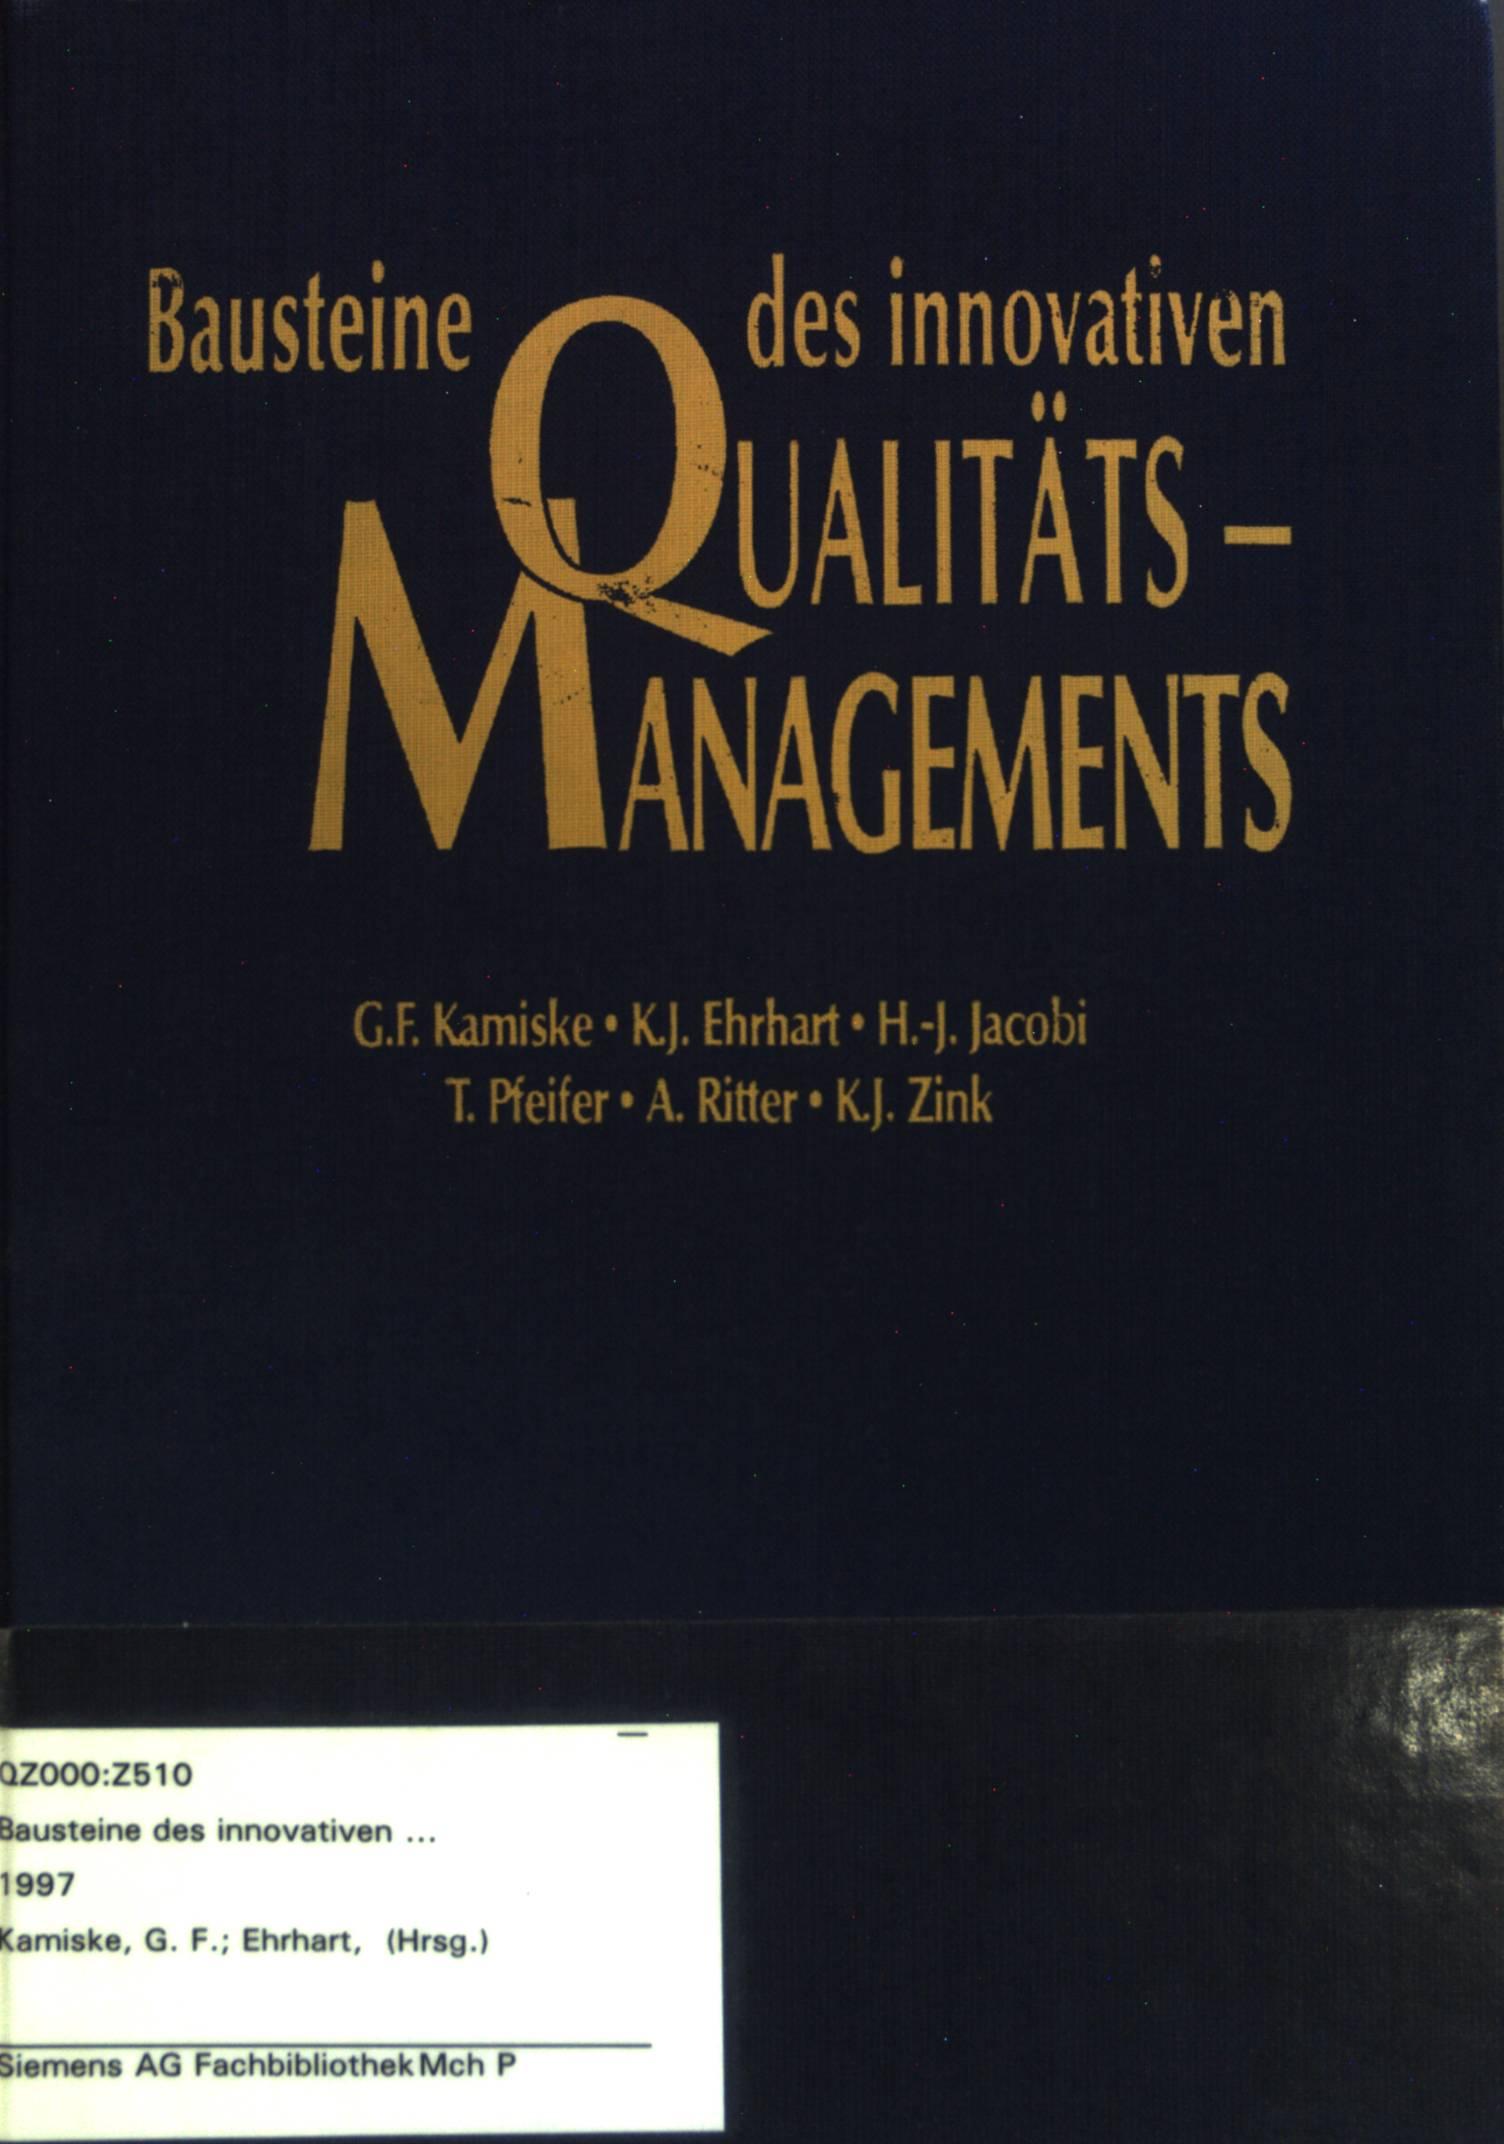 Bausteine des innovativen Qualitätsmanagements. Erfolgreiche Praxis in: Kamiske, Gerd F.: